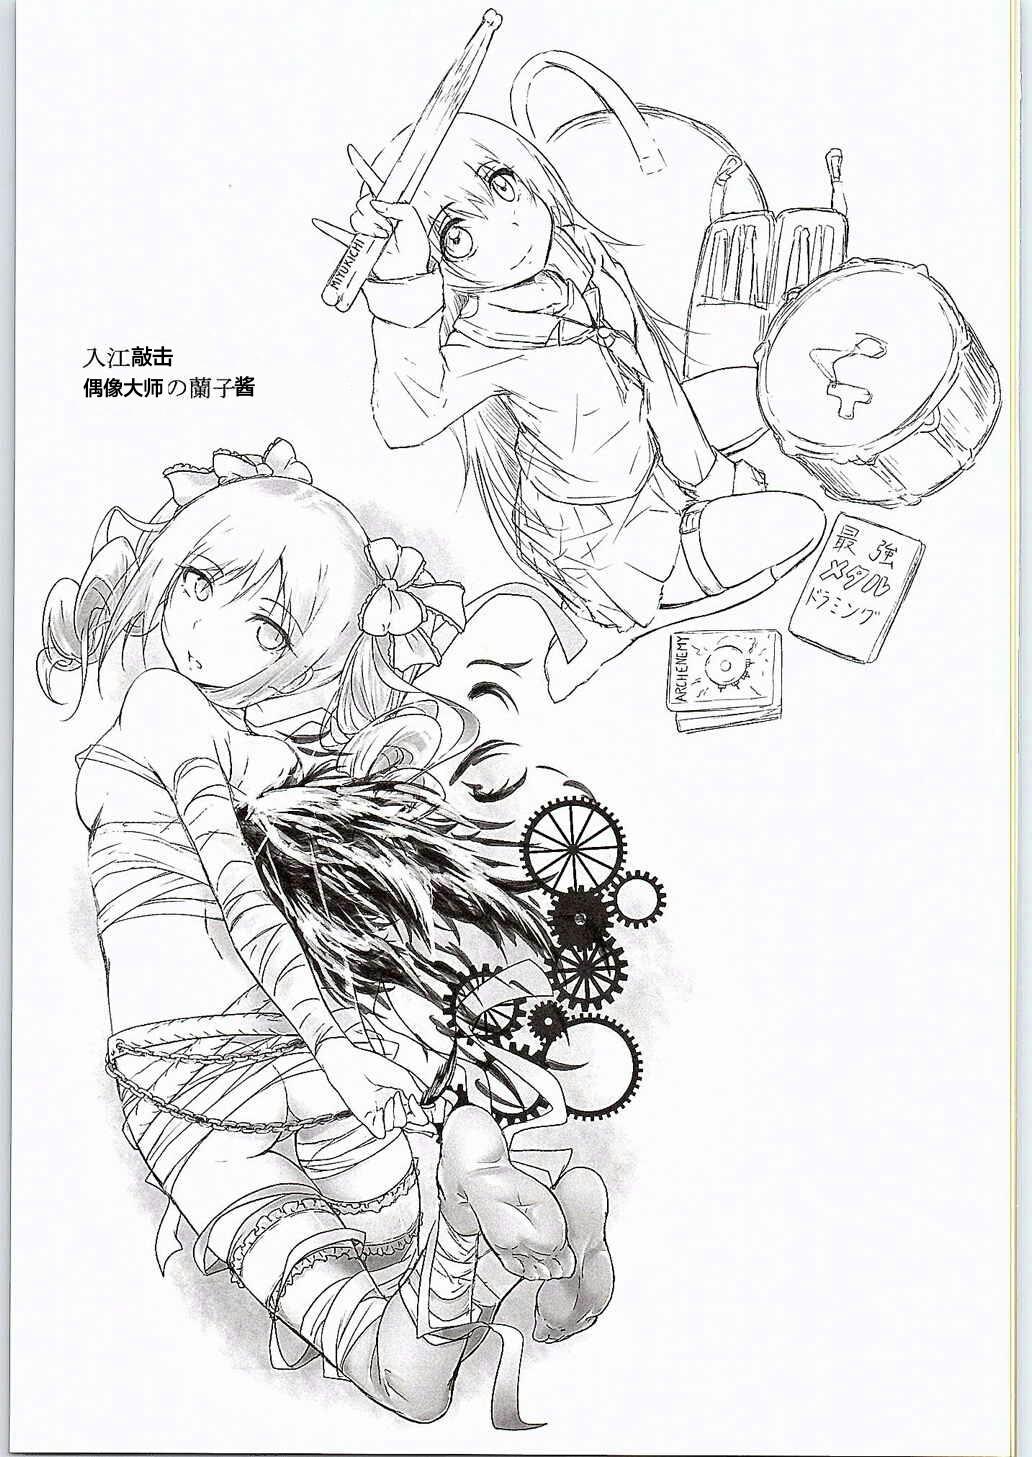 CG Jikkyou Shoutai Kenban 24